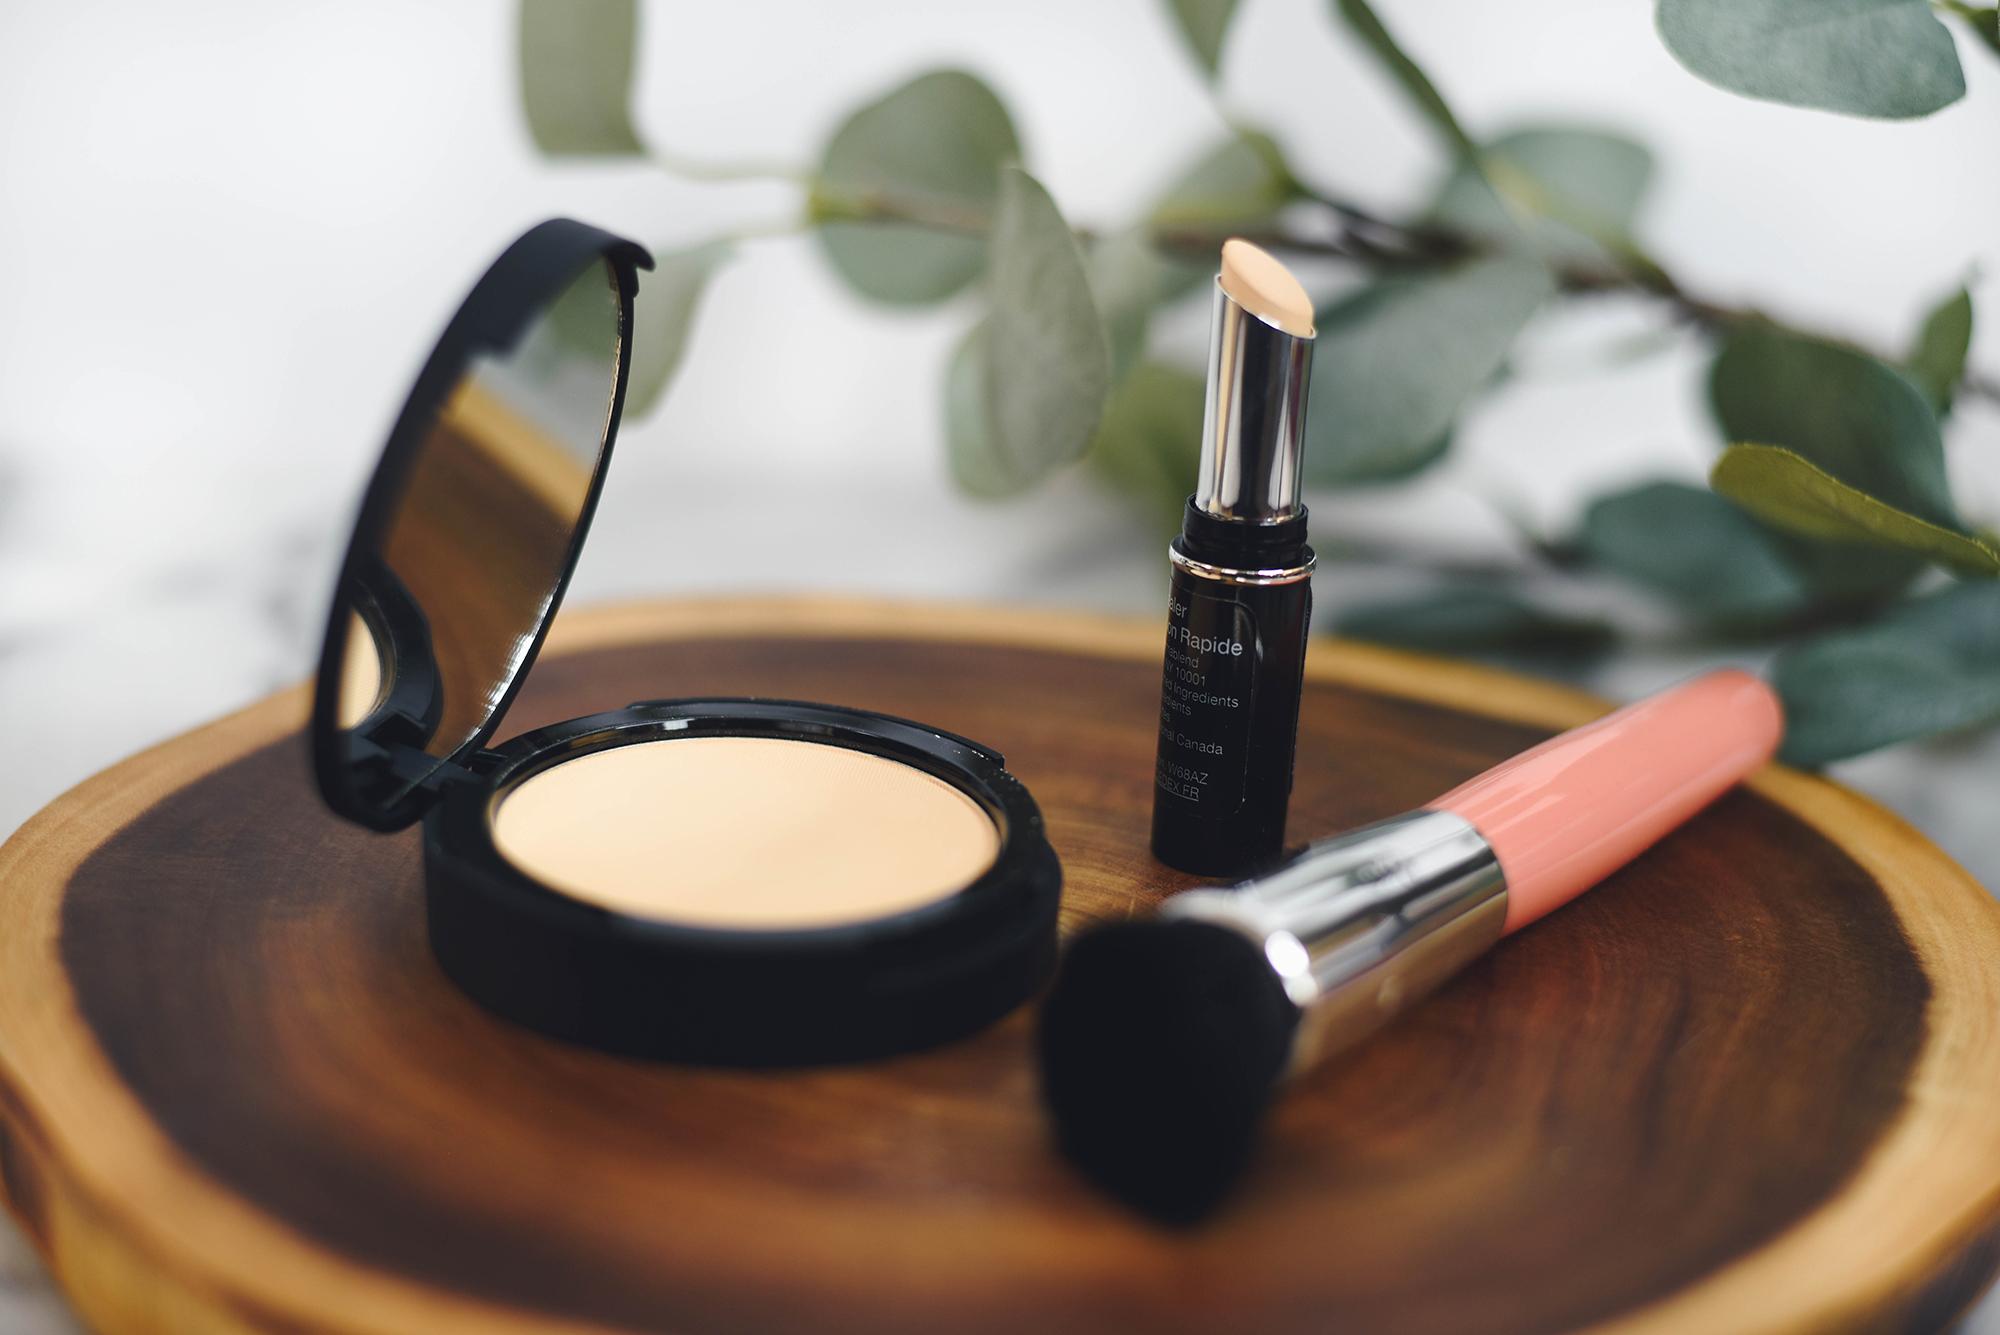 Foundation Powder, Concealer, Make up, Beauty Blogger